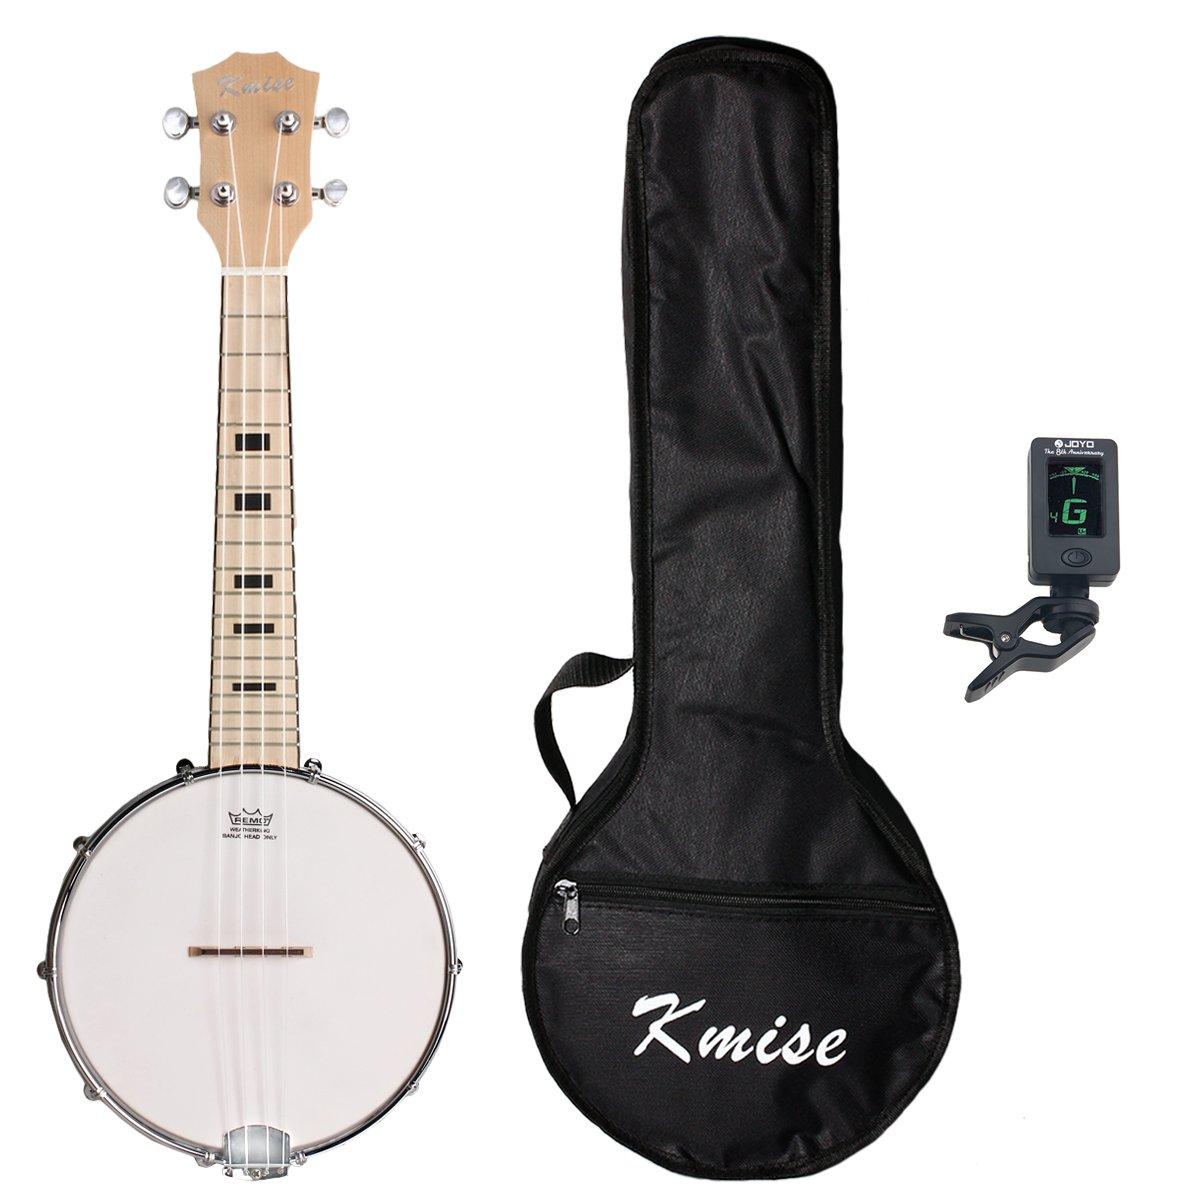 Kmise 4 String Banjo Ukulele Uke Concert 23 Inch Size Sapele With Bag Tuner Ltd MI1868-KUS